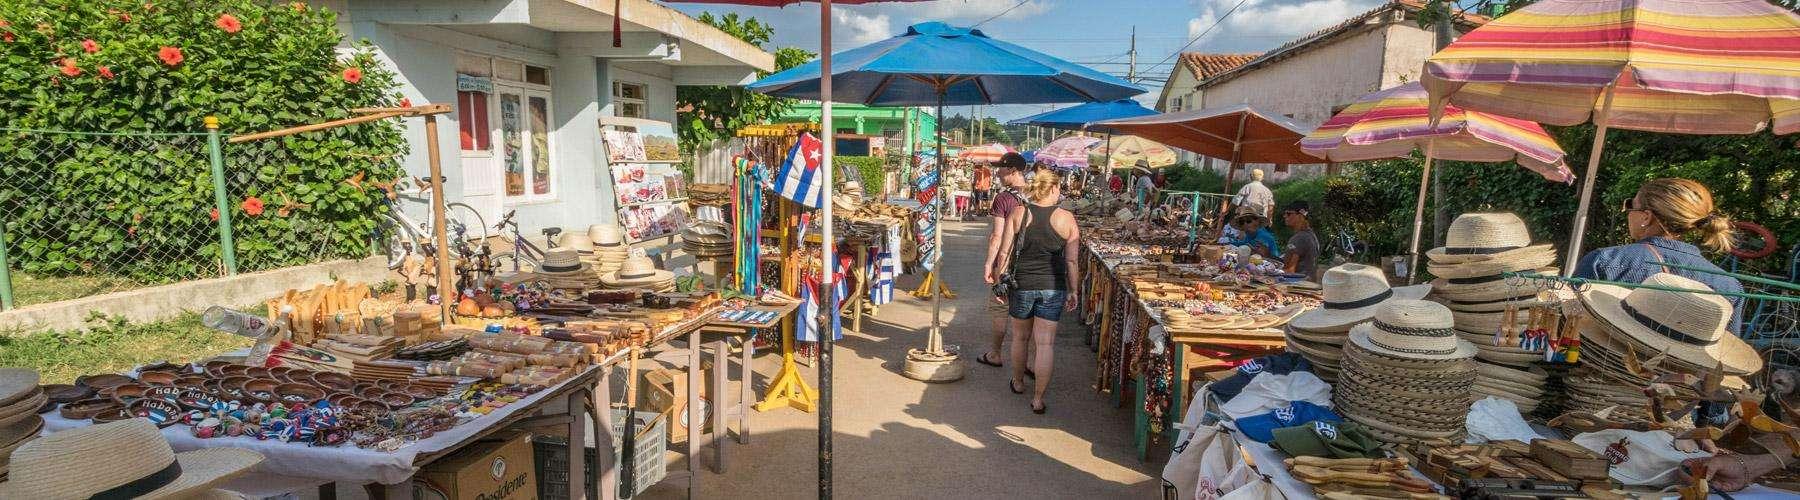 Een leuk marktje in Vinales.